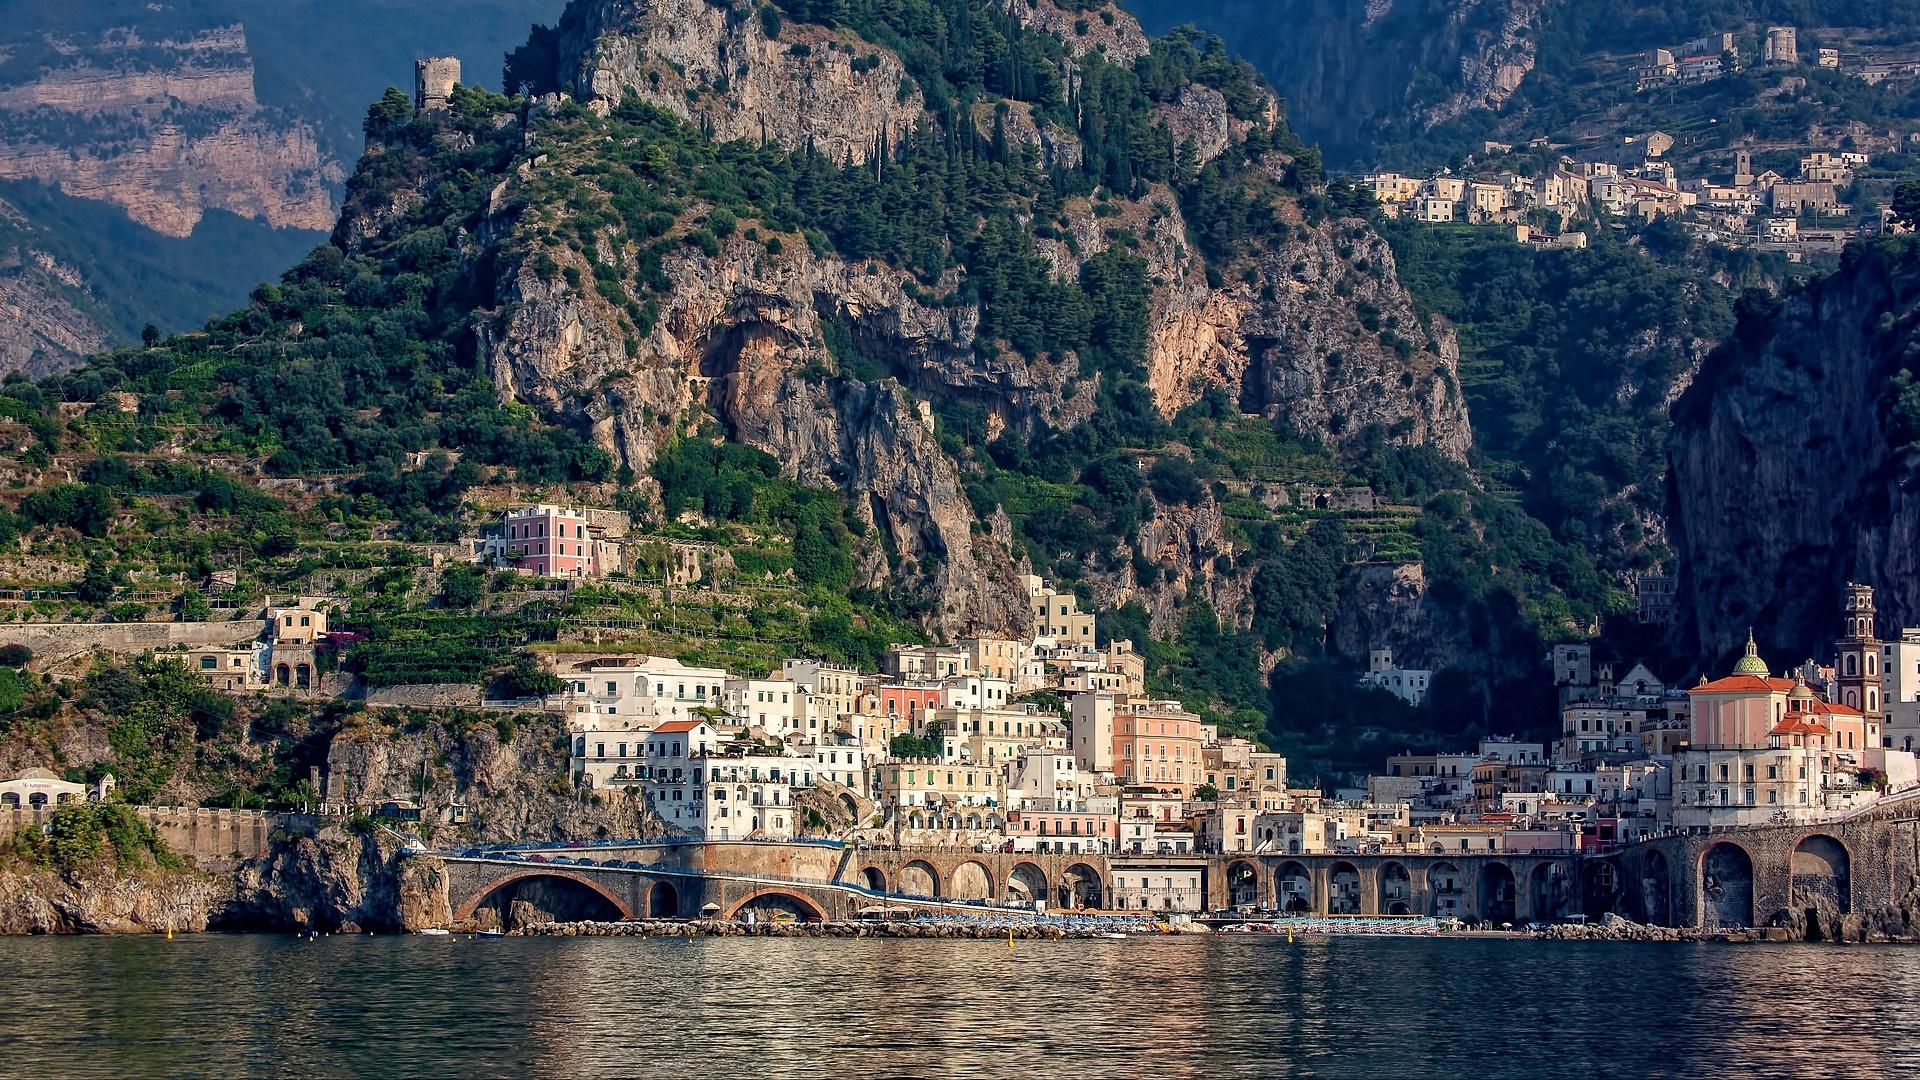 Amalfi wallpaper